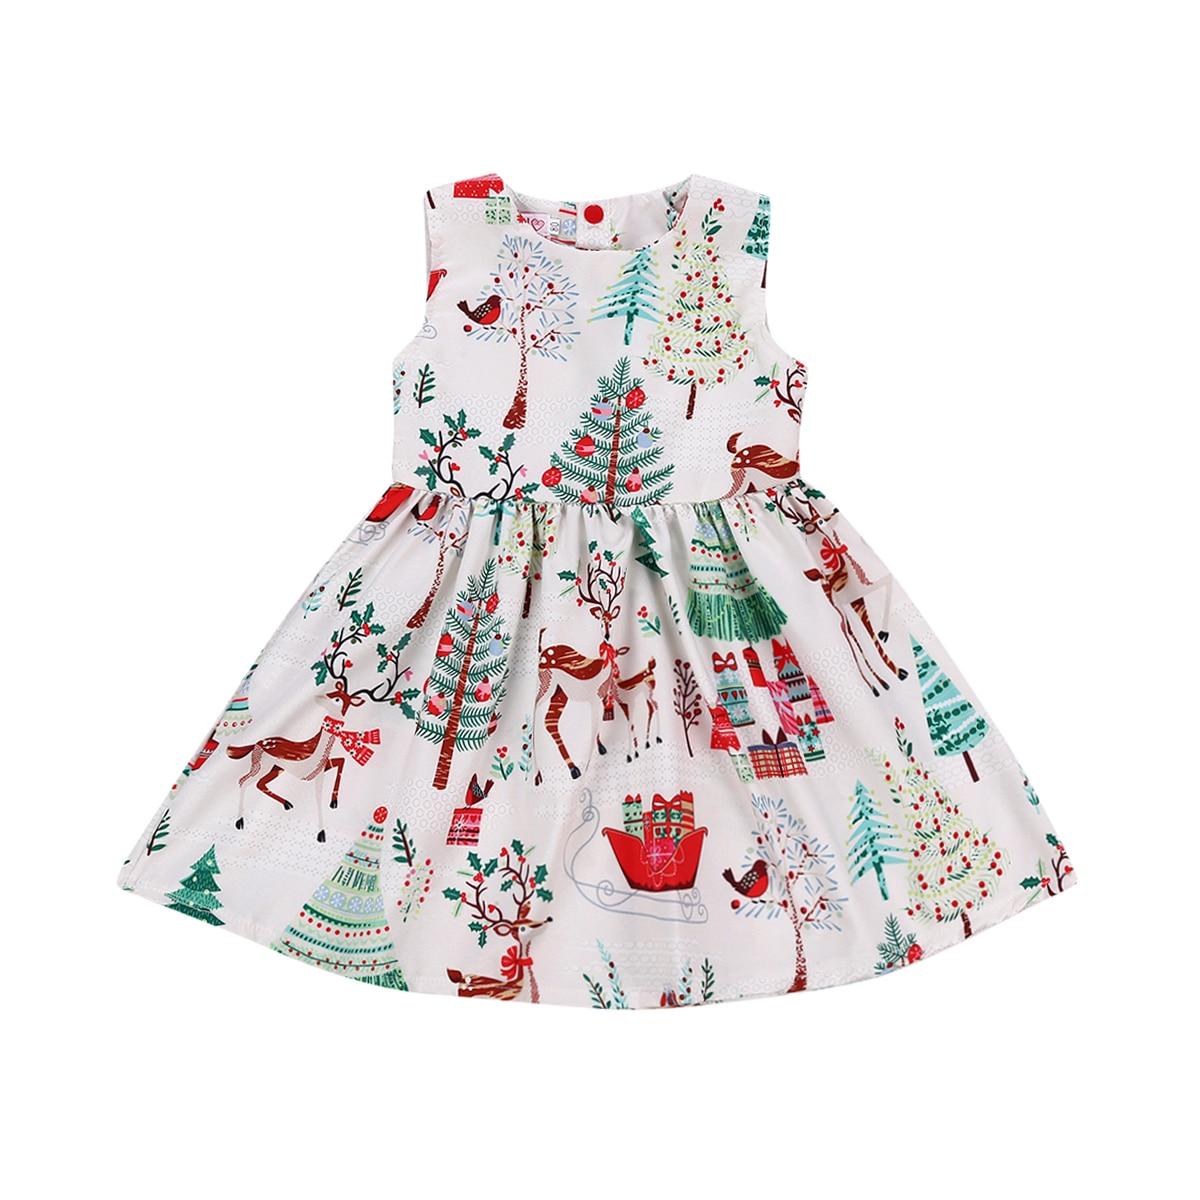 1 7Years Christmas Dress Kids Baby Girl Deer Sleeveless Party Dress Princess Tutu Dress Xmas New Innrech Market.com